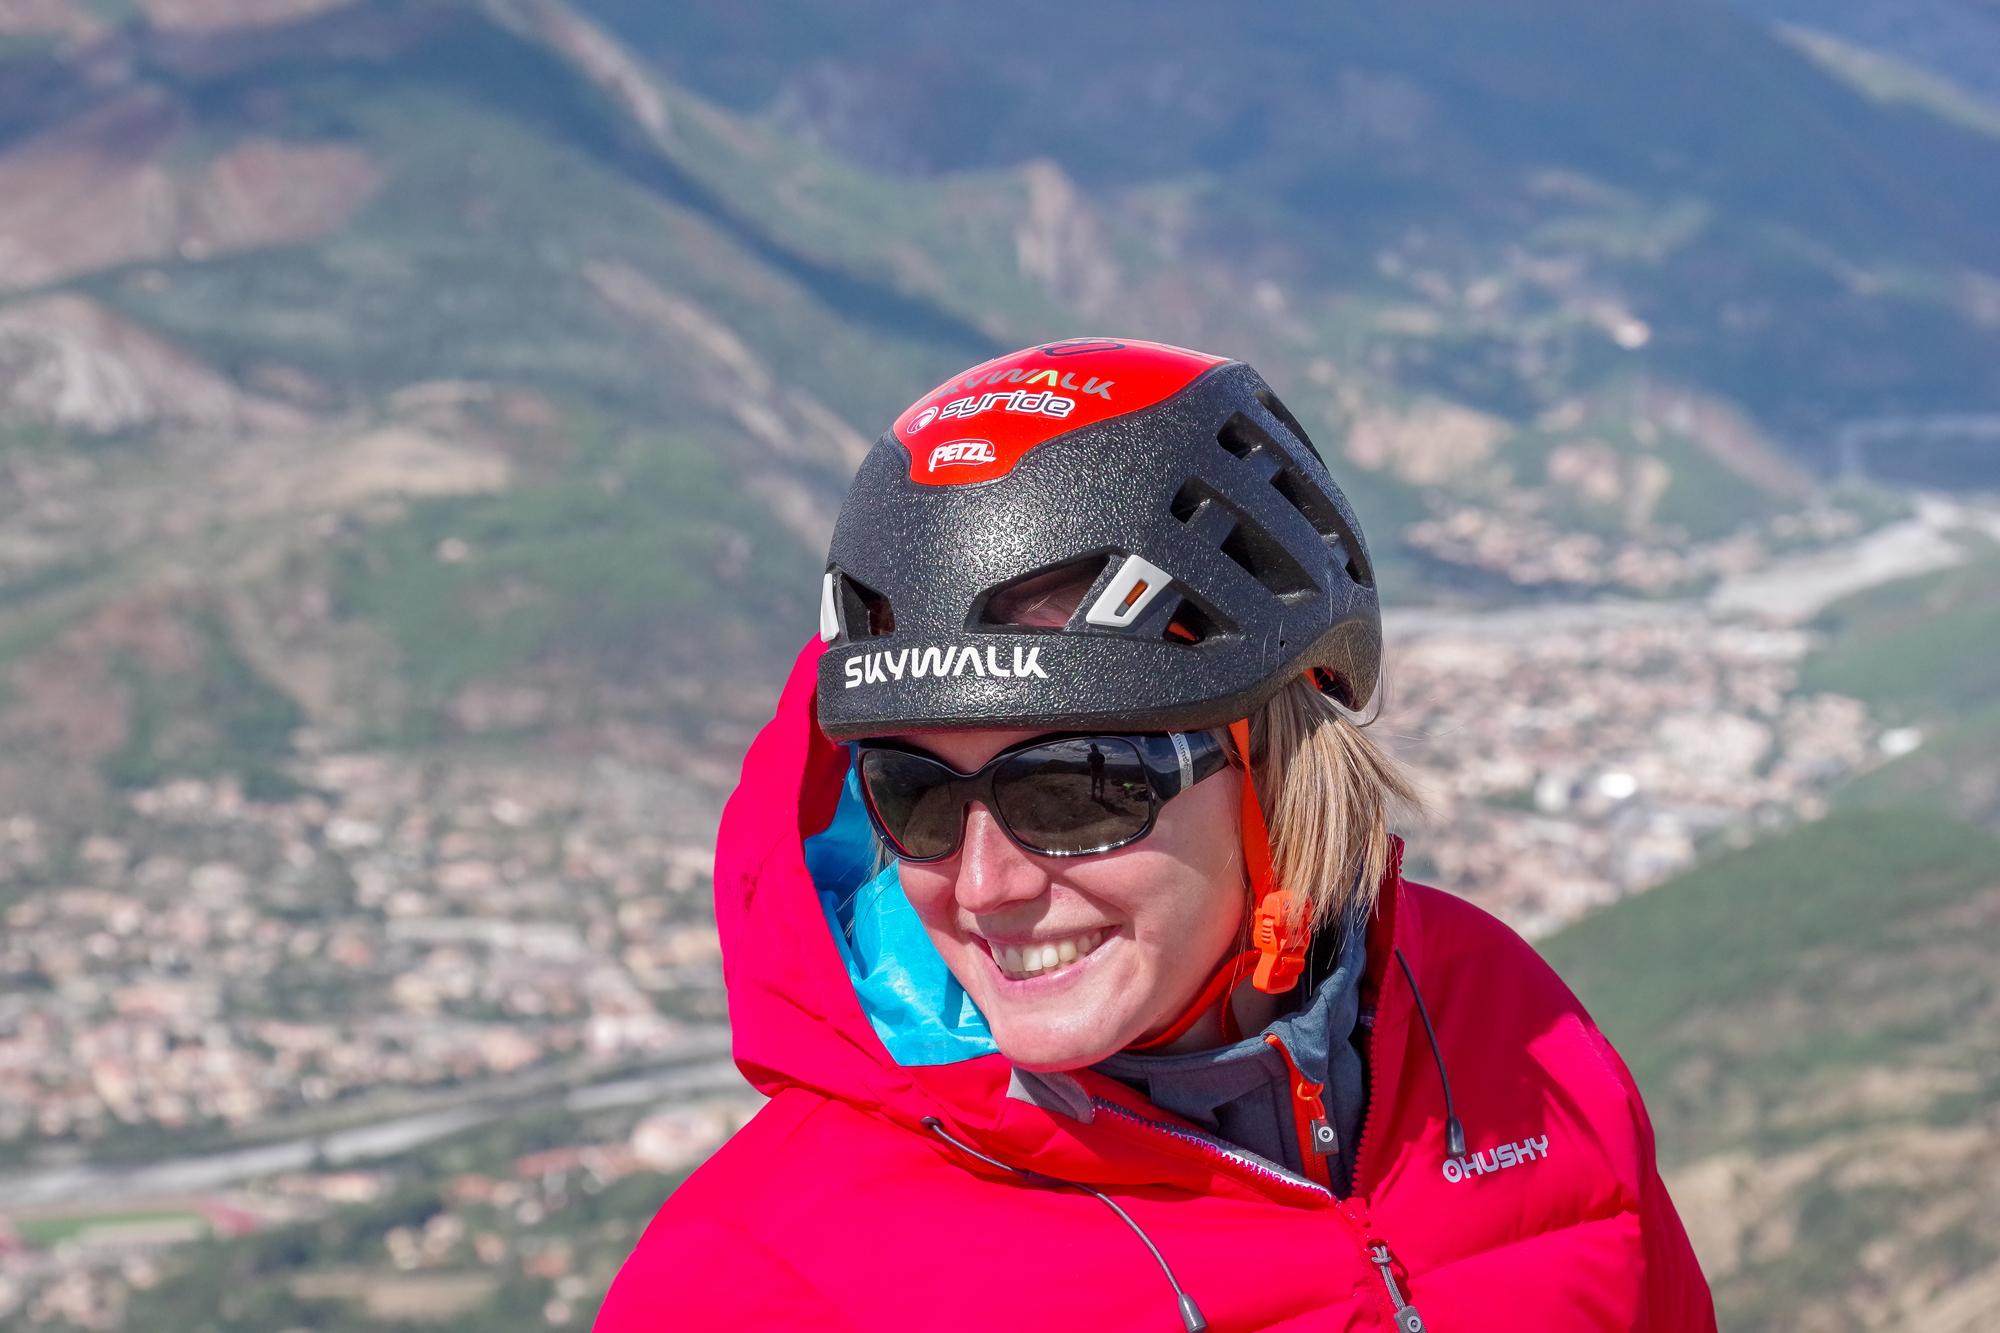 Loraine Humeau Husky The Himalayan Paragliding Line Extreme Skywalk-3